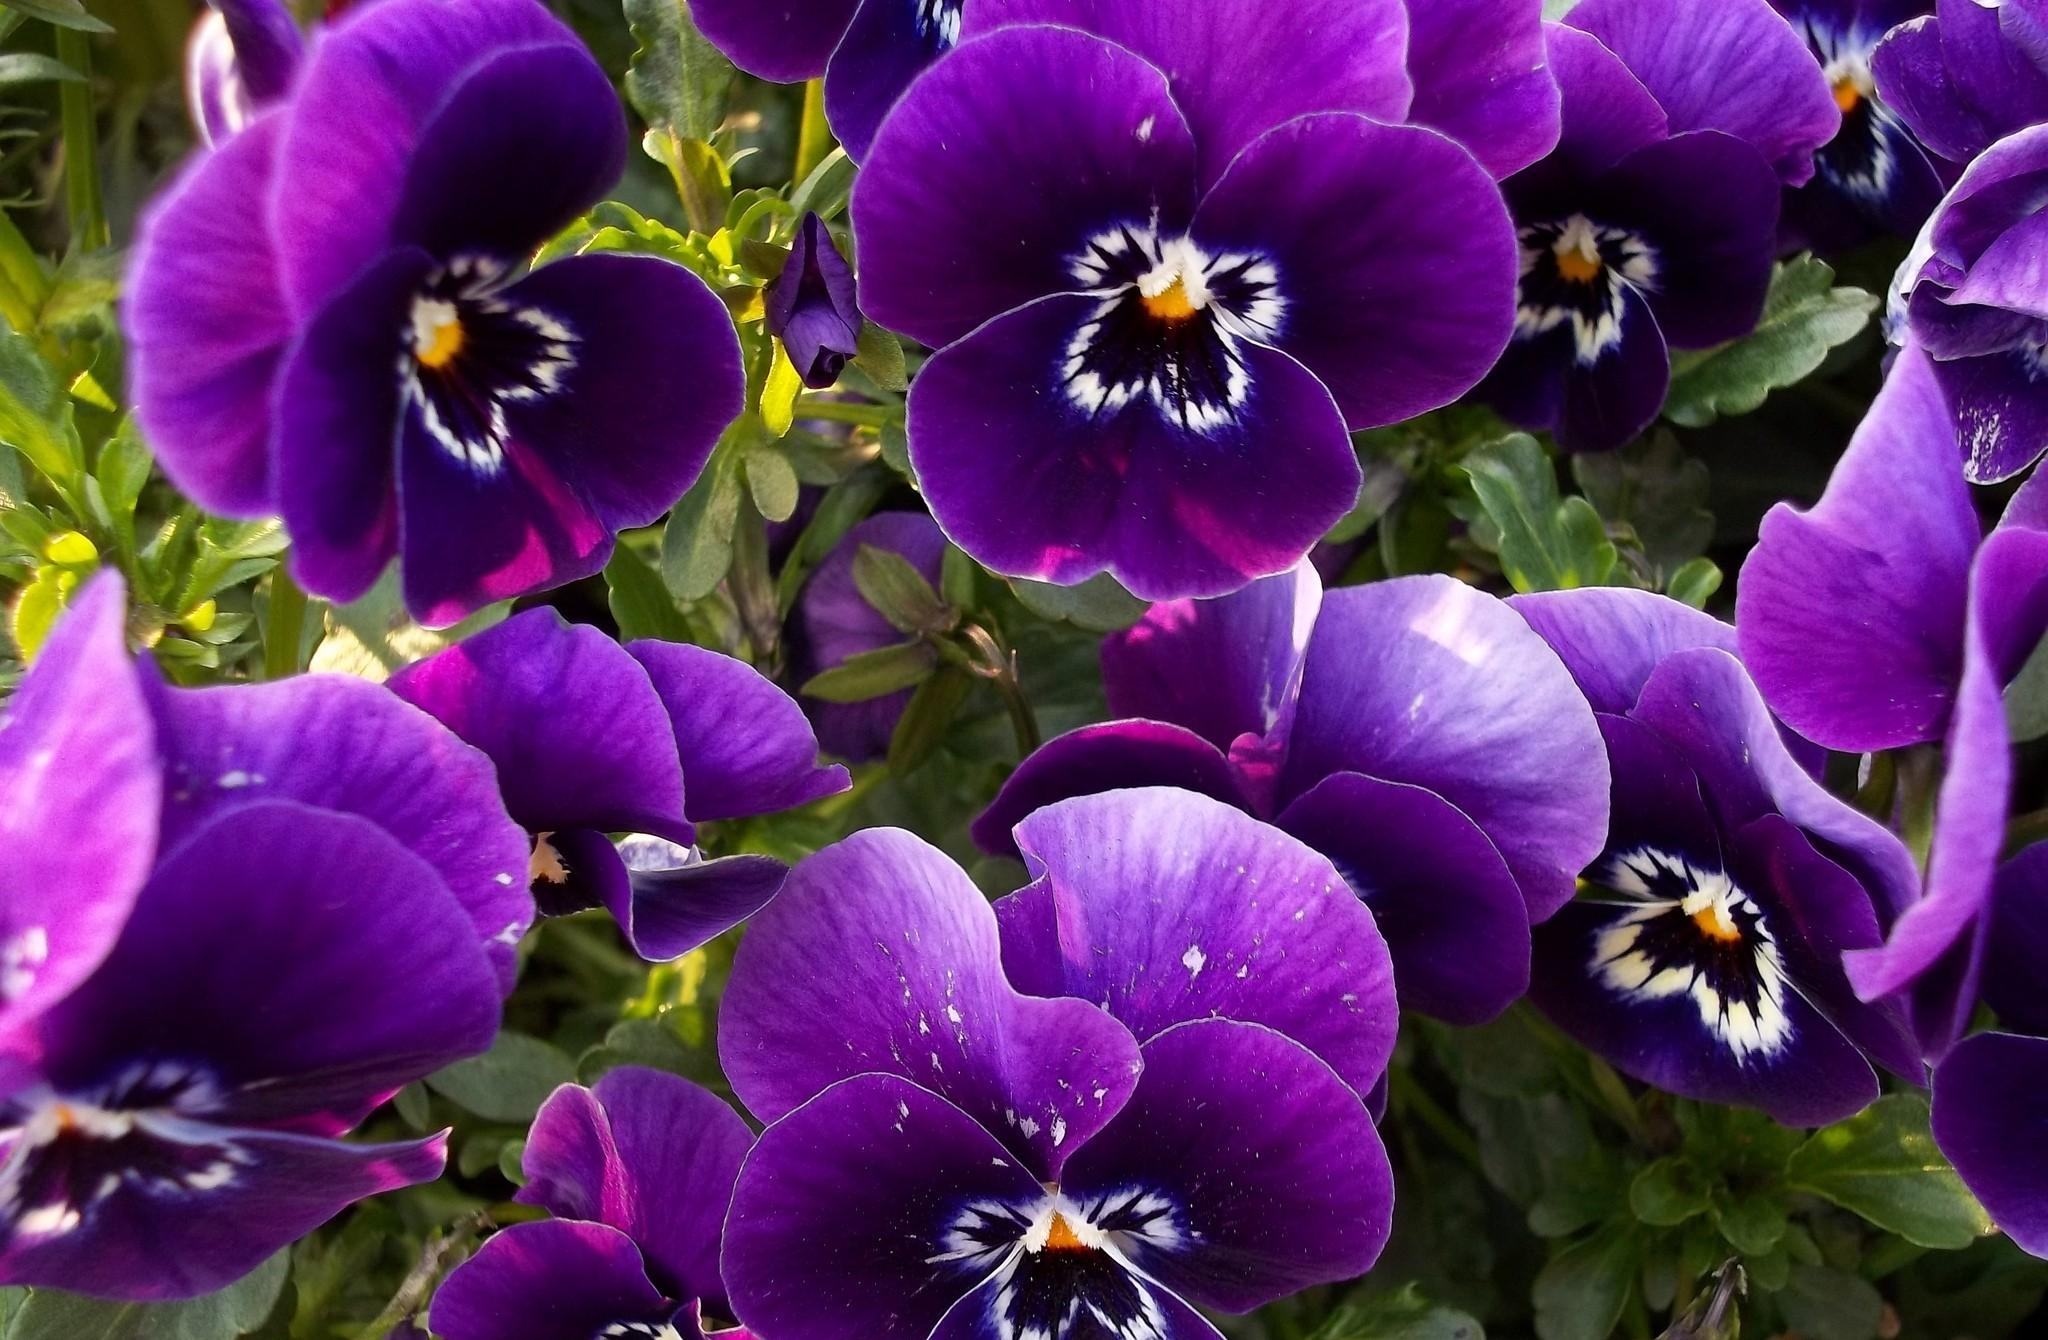 101937 скачать обои Цветы, Анютины Глазки, Клумба, Крупный План - заставки и картинки бесплатно